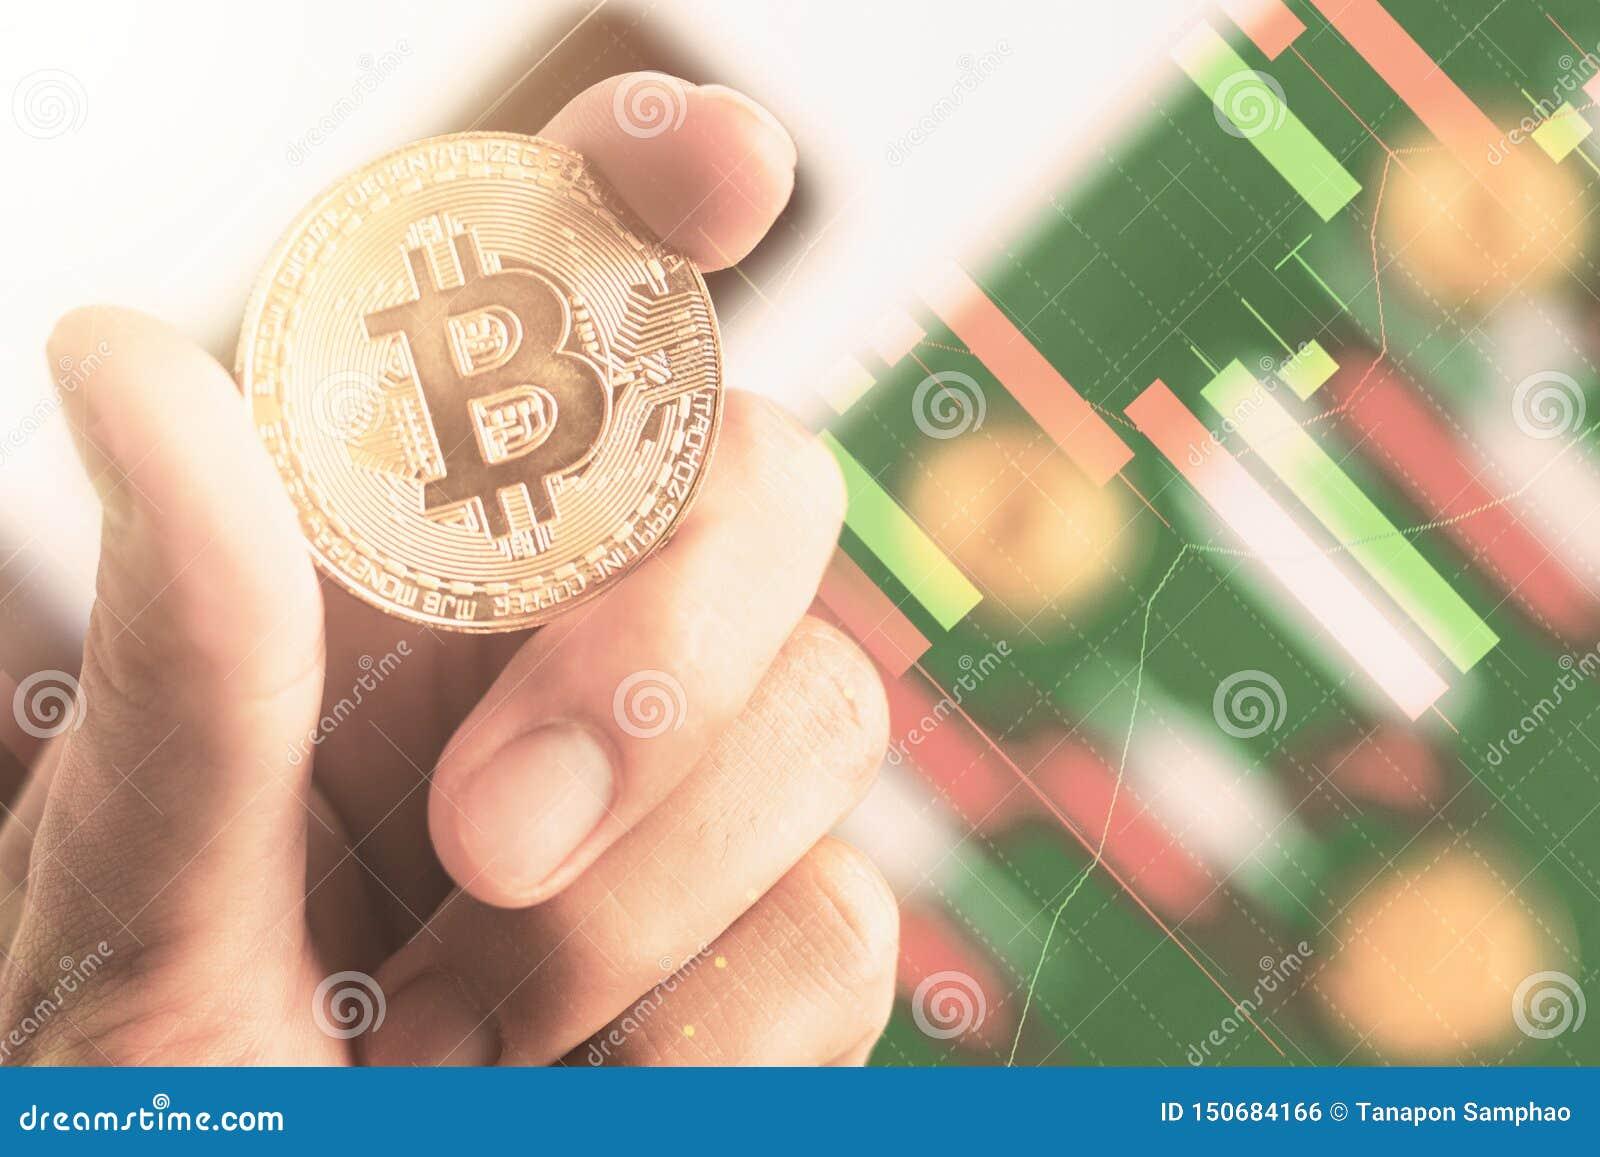 Fin vers le haut de la main tenant le bitcoin avec le diagramme de chandelier de fond